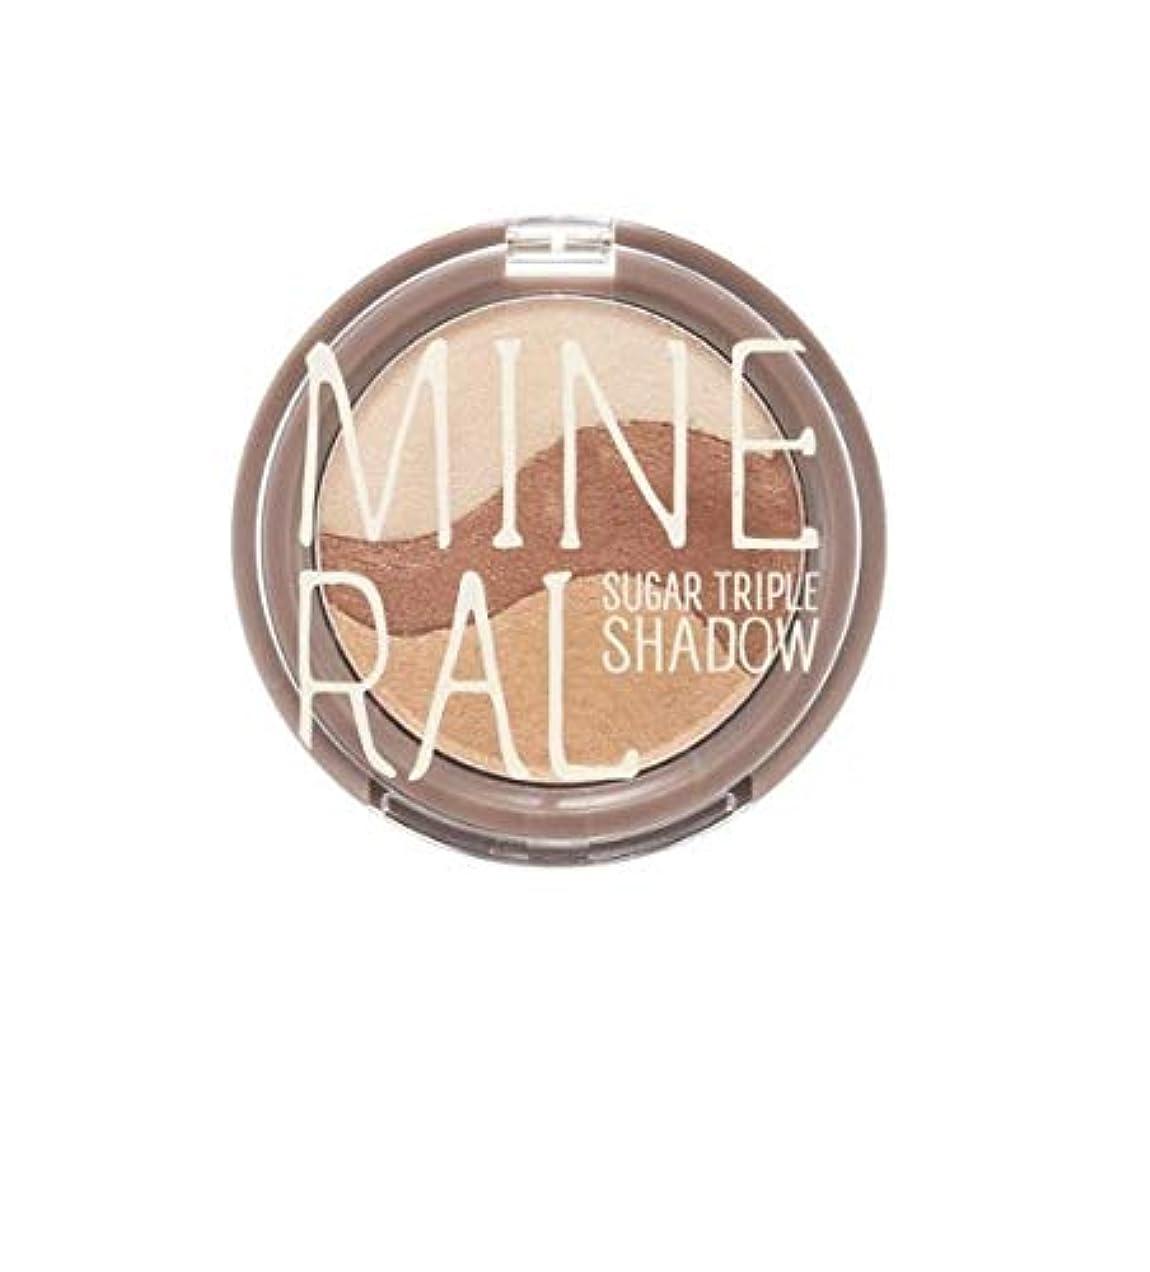 象テクトニック分岐するSkinfood ミネラルシュガートリプルシャドウ#1ゴールデンブラウン / Mineral Sugar Triple Shadow #1 Golden Brown 3.8g [並行輸入品]